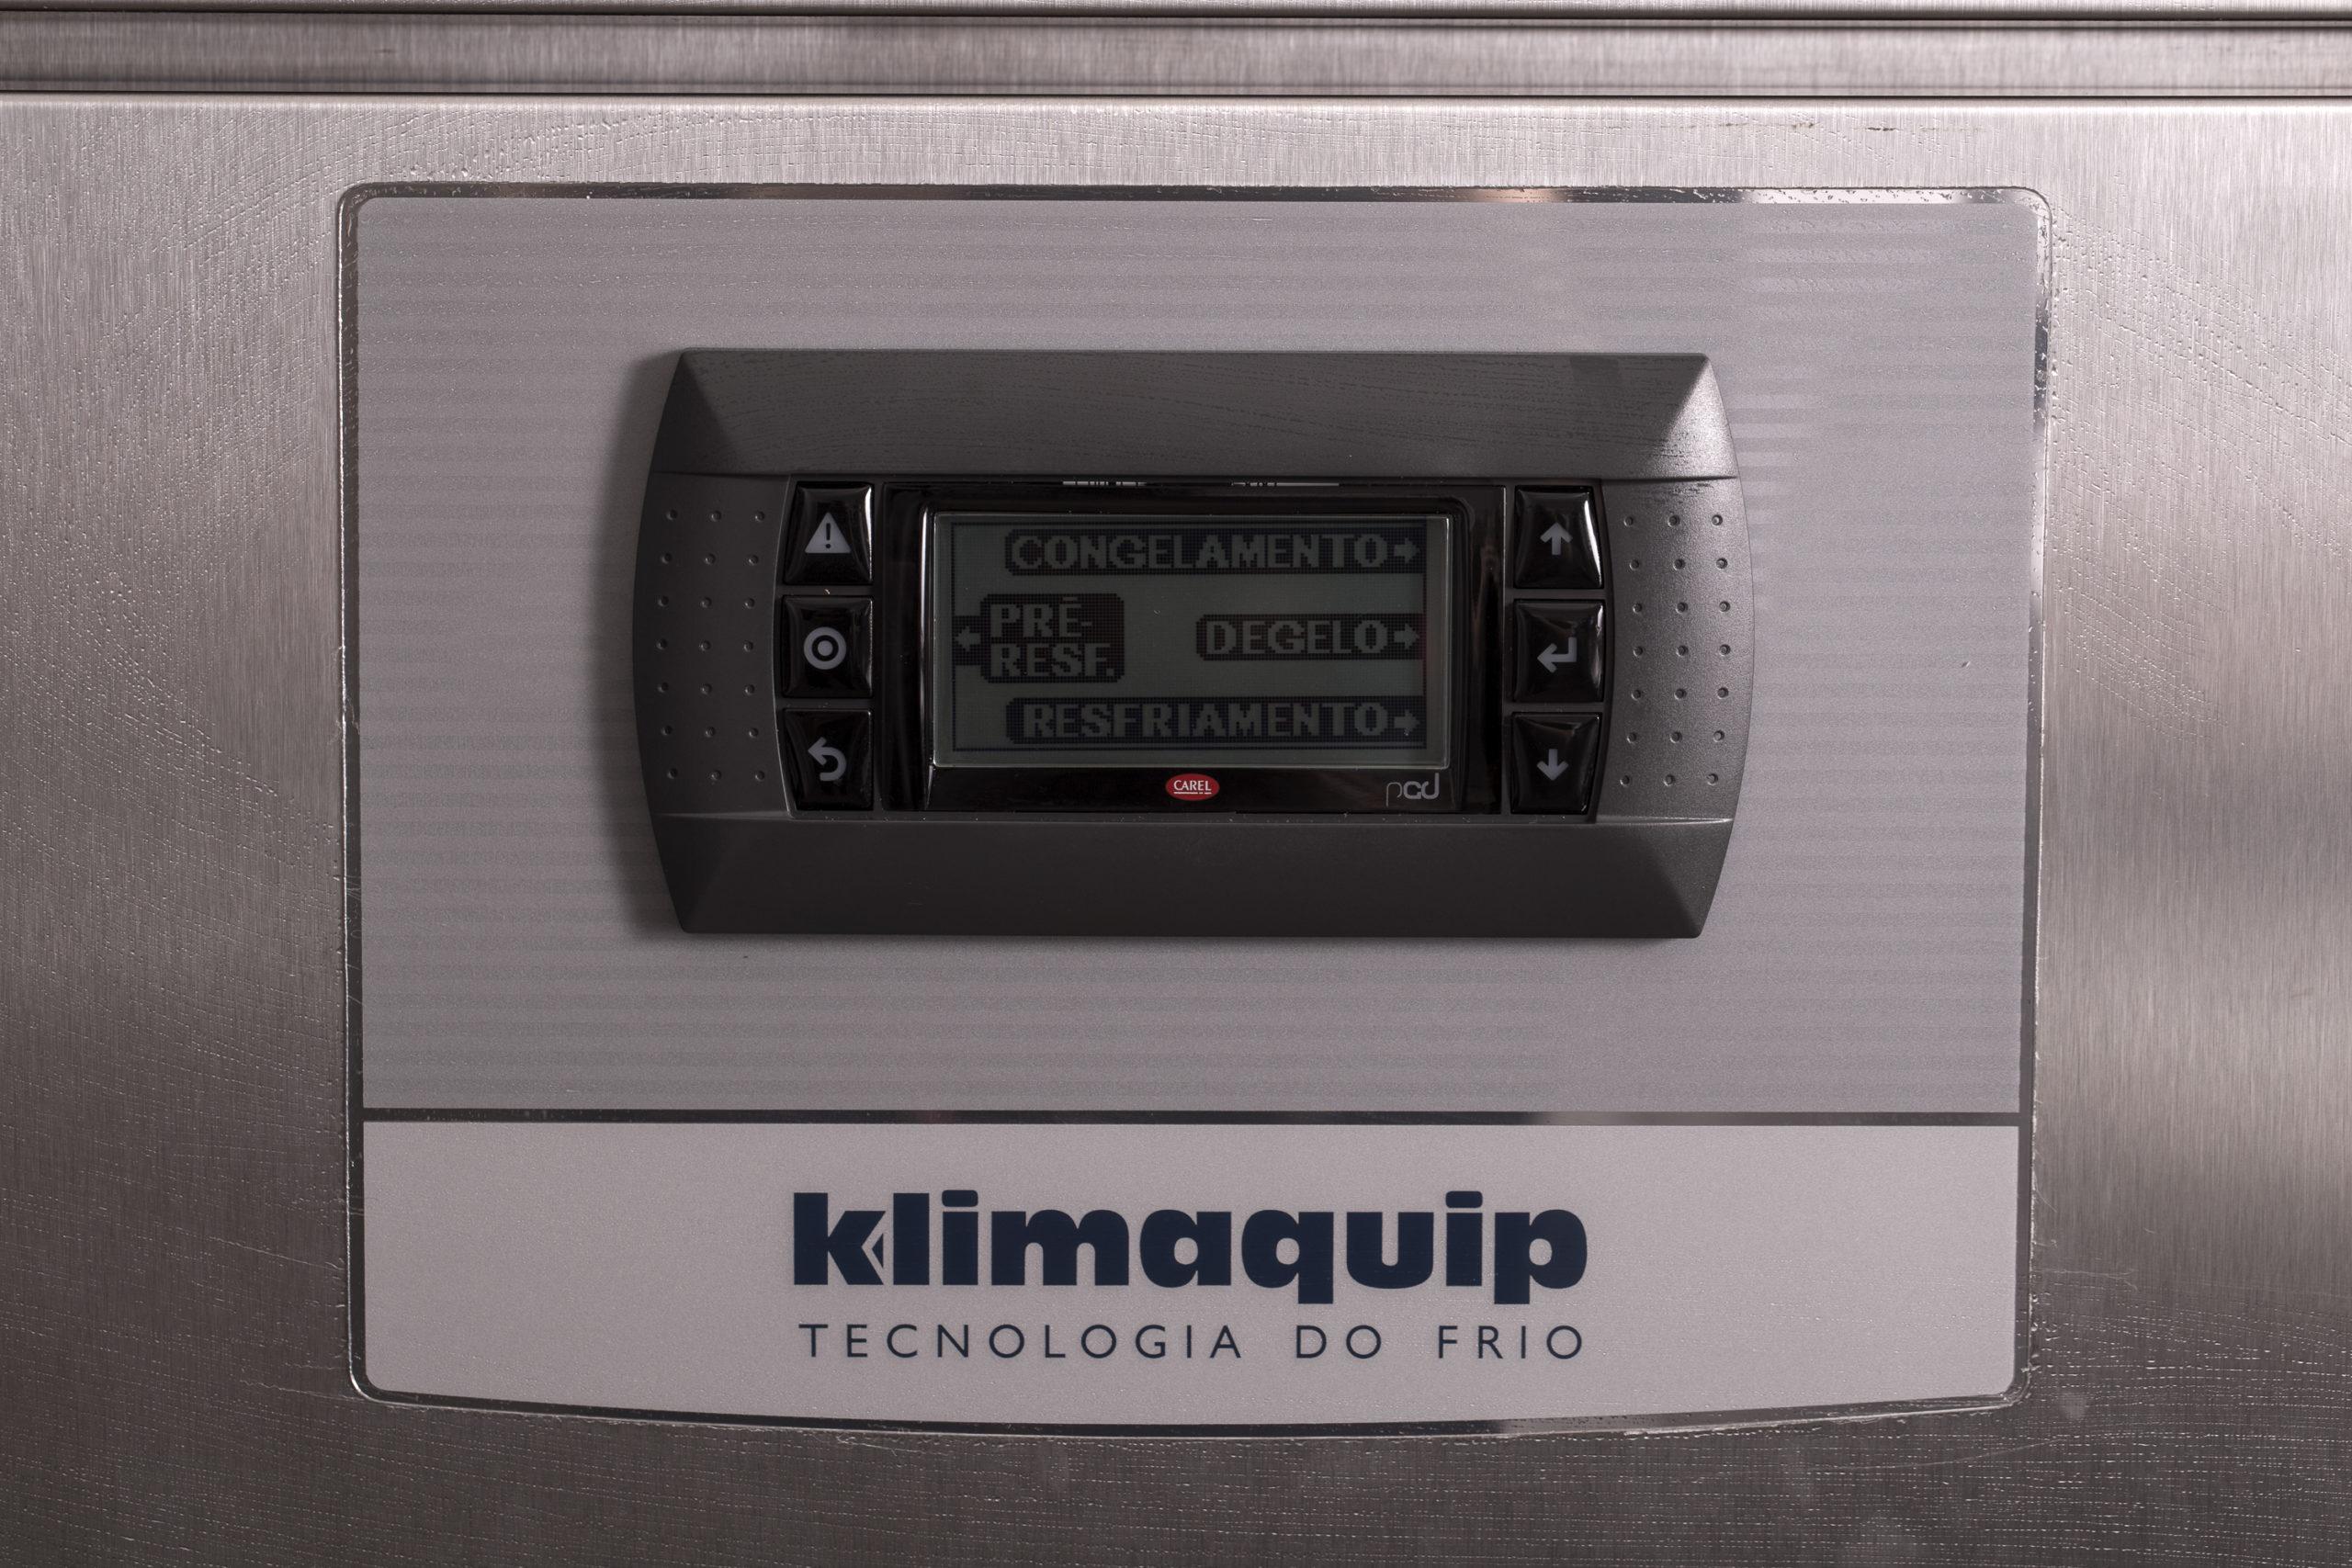 Os benefícios de se usar o ultracongelador